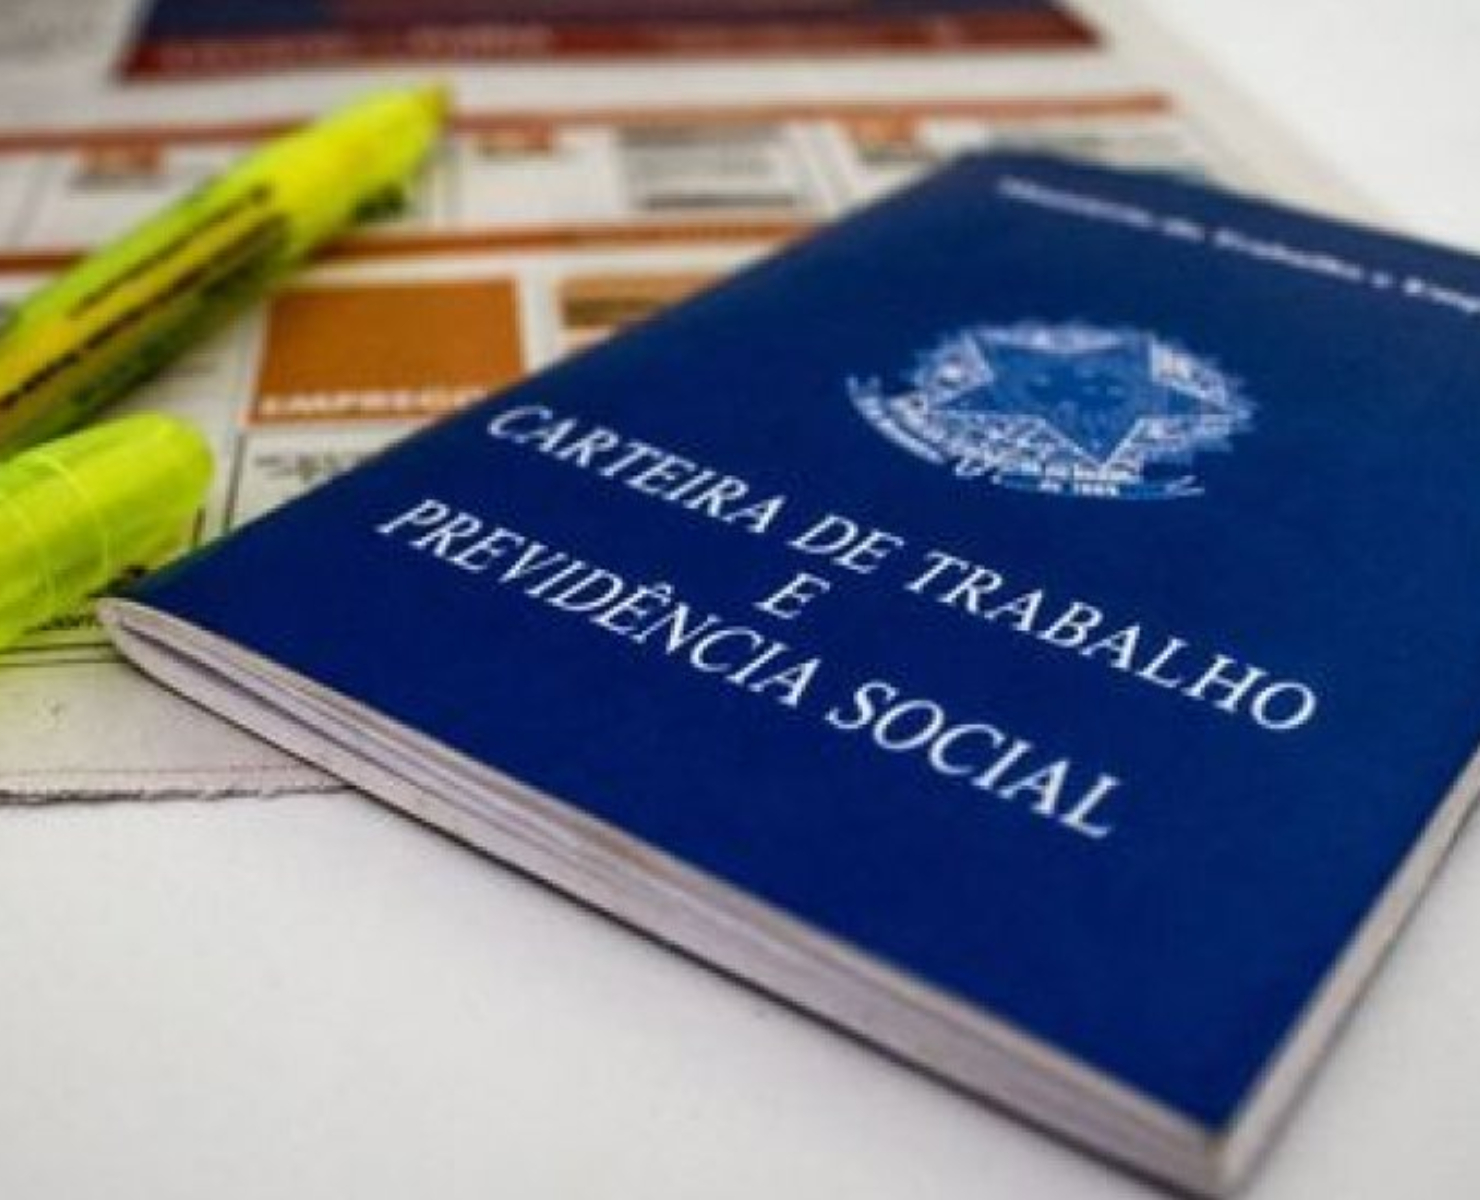 SEGURO-DESEMPREGO: GOVERNO ANALISA DERRUBAR TAXAÇÃO